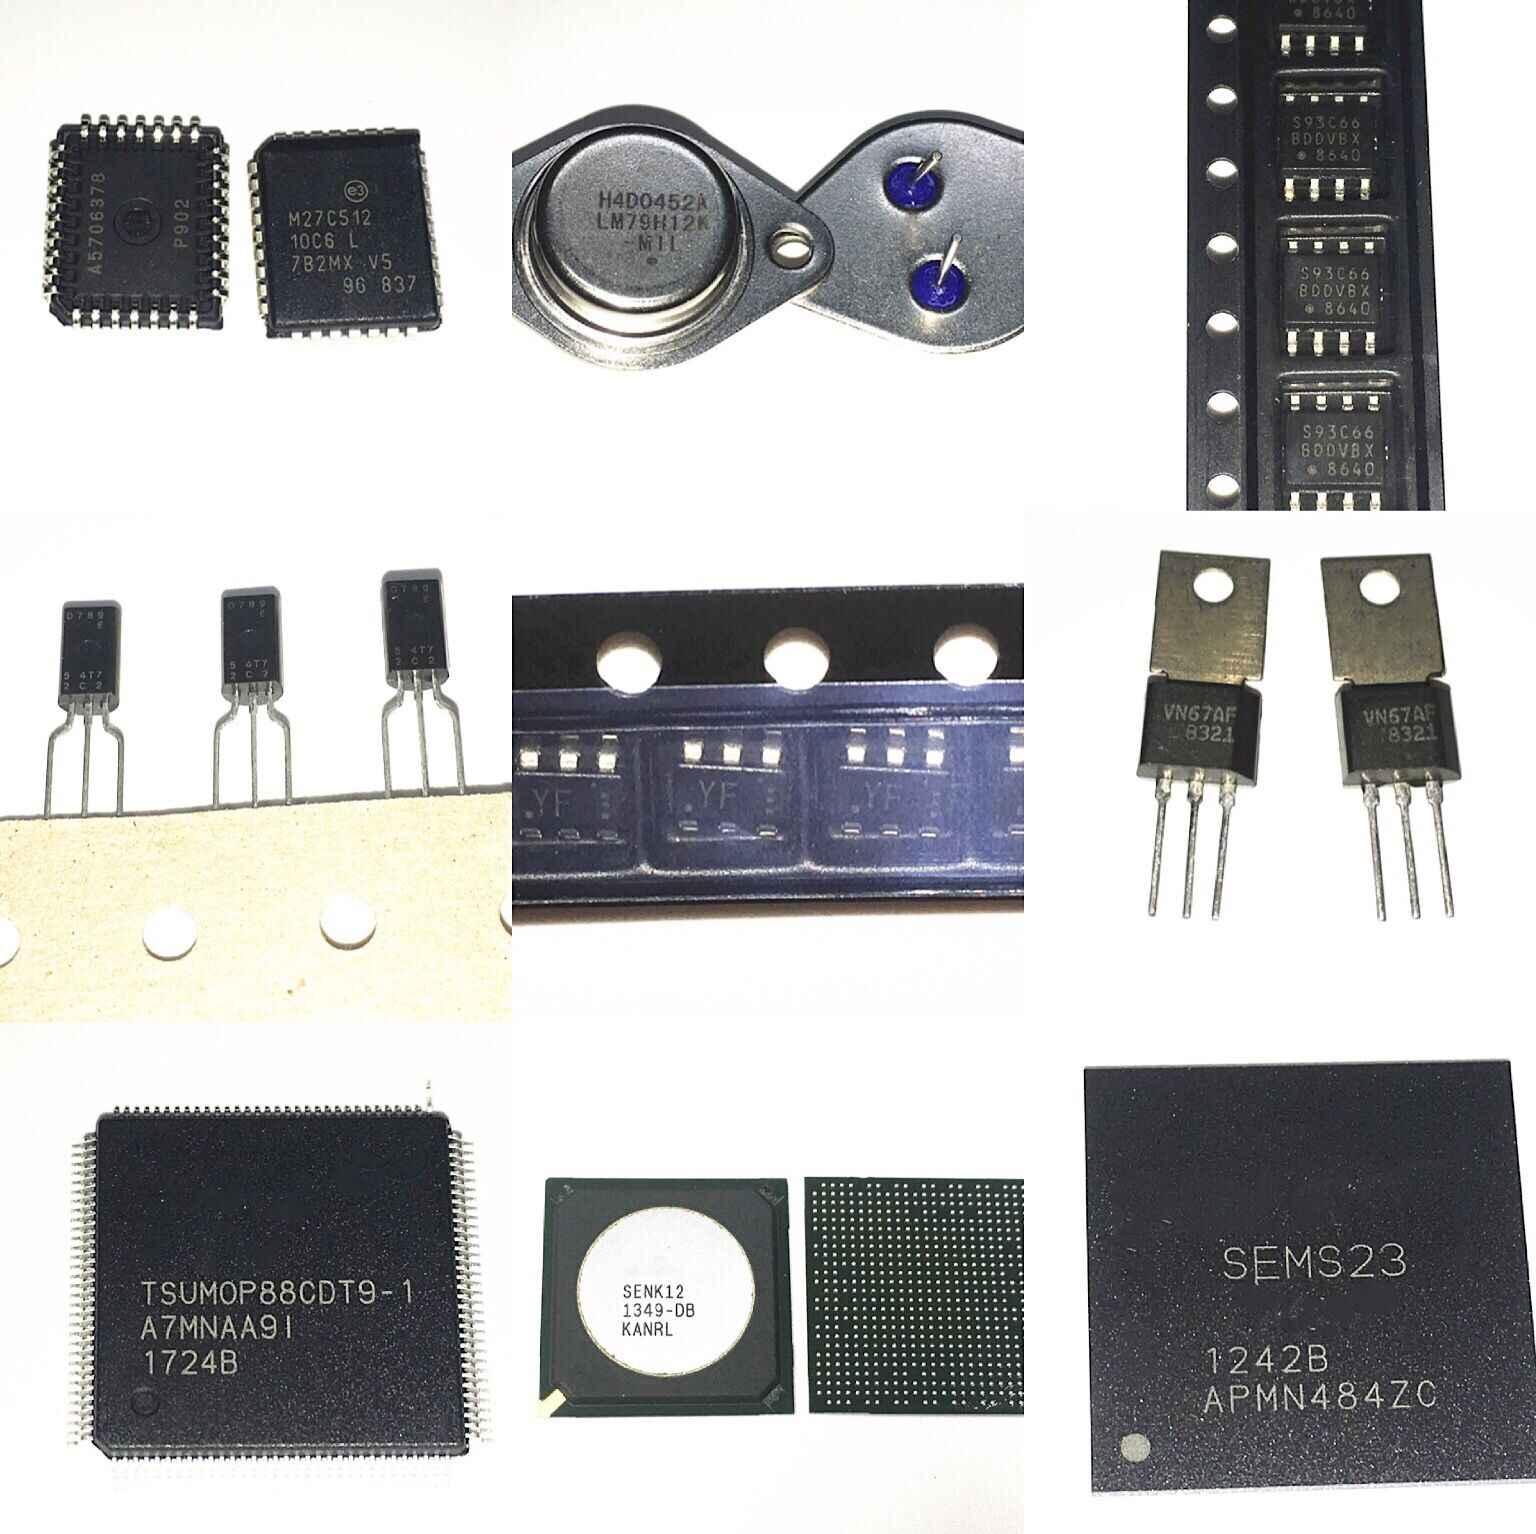 Nouveauté Promotion 10 pièces 1N5383BRLG 1N5383B 17-02 1N5383 5 Watts Surmetic TM 40 Zener Régulateurs De Tension